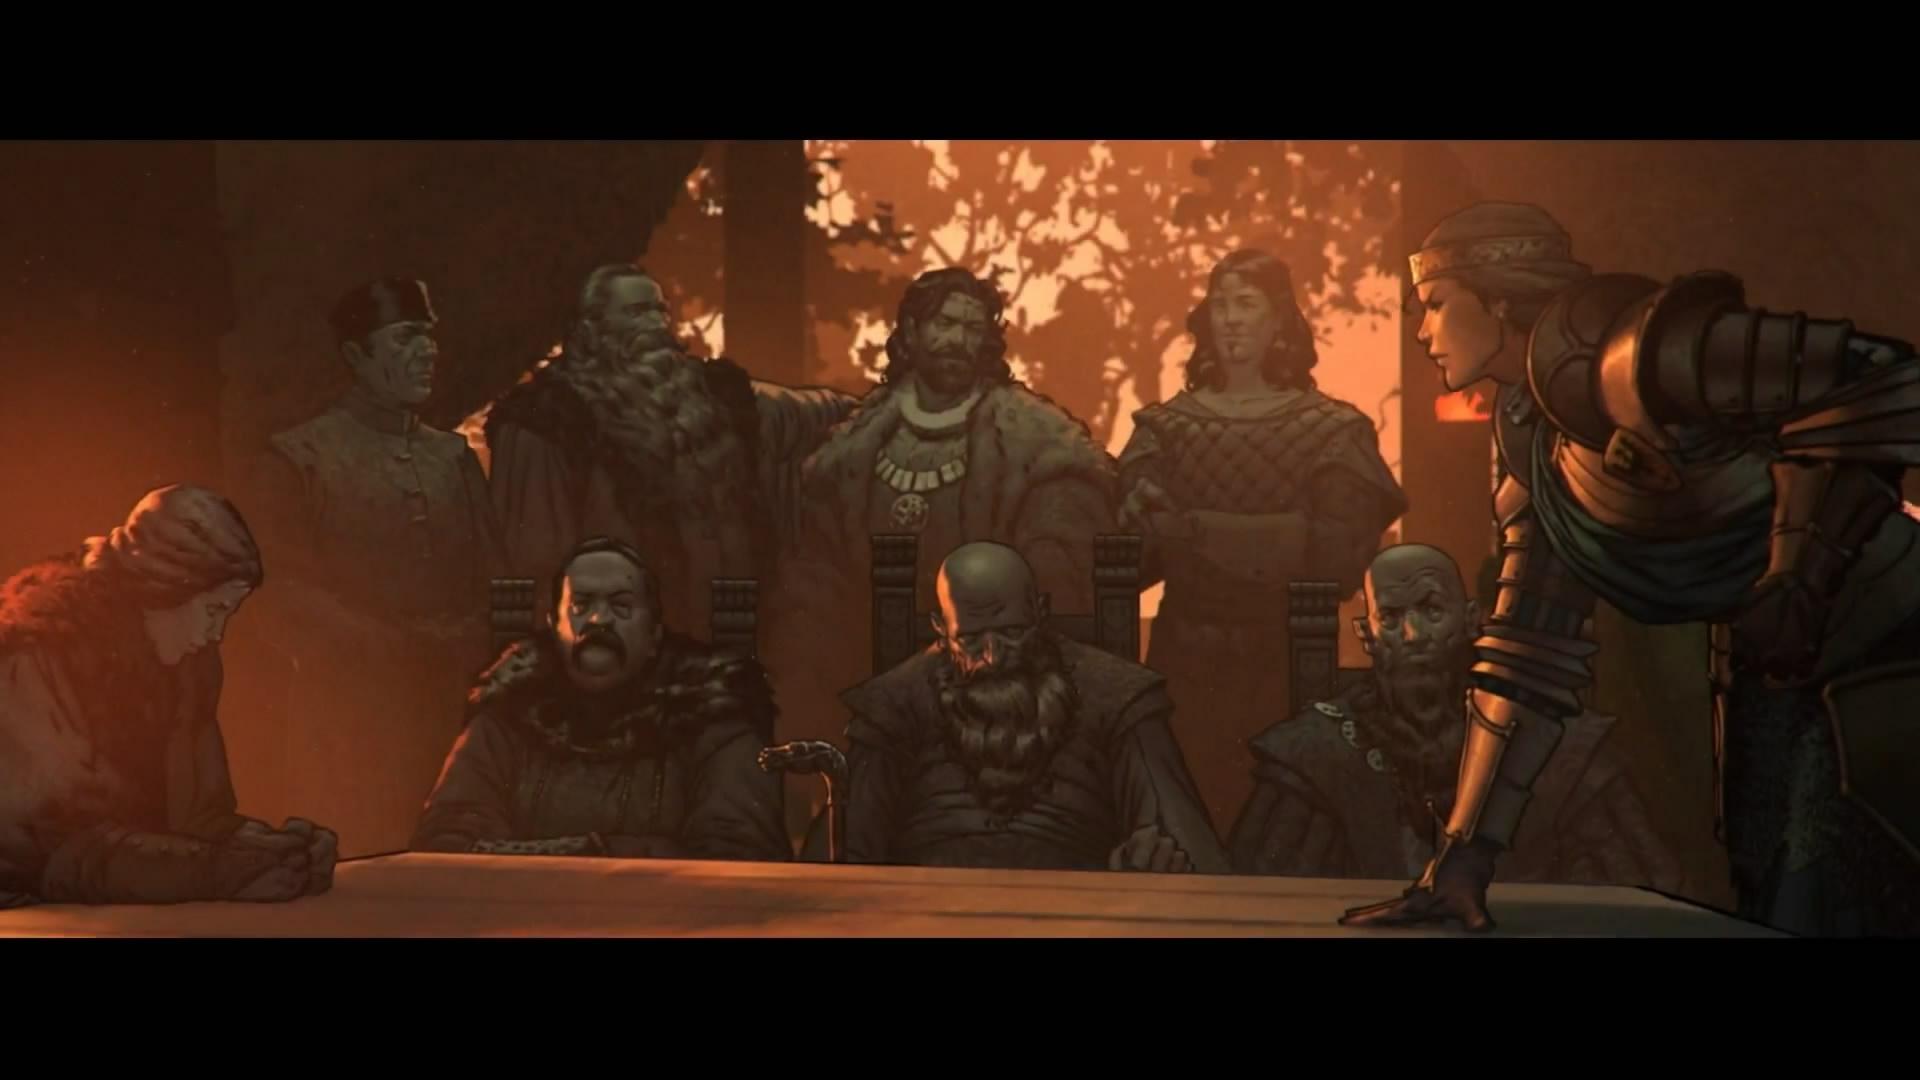 《巫師之昆特牌:王權的隕落》新預告 女王率軍抵御外敵